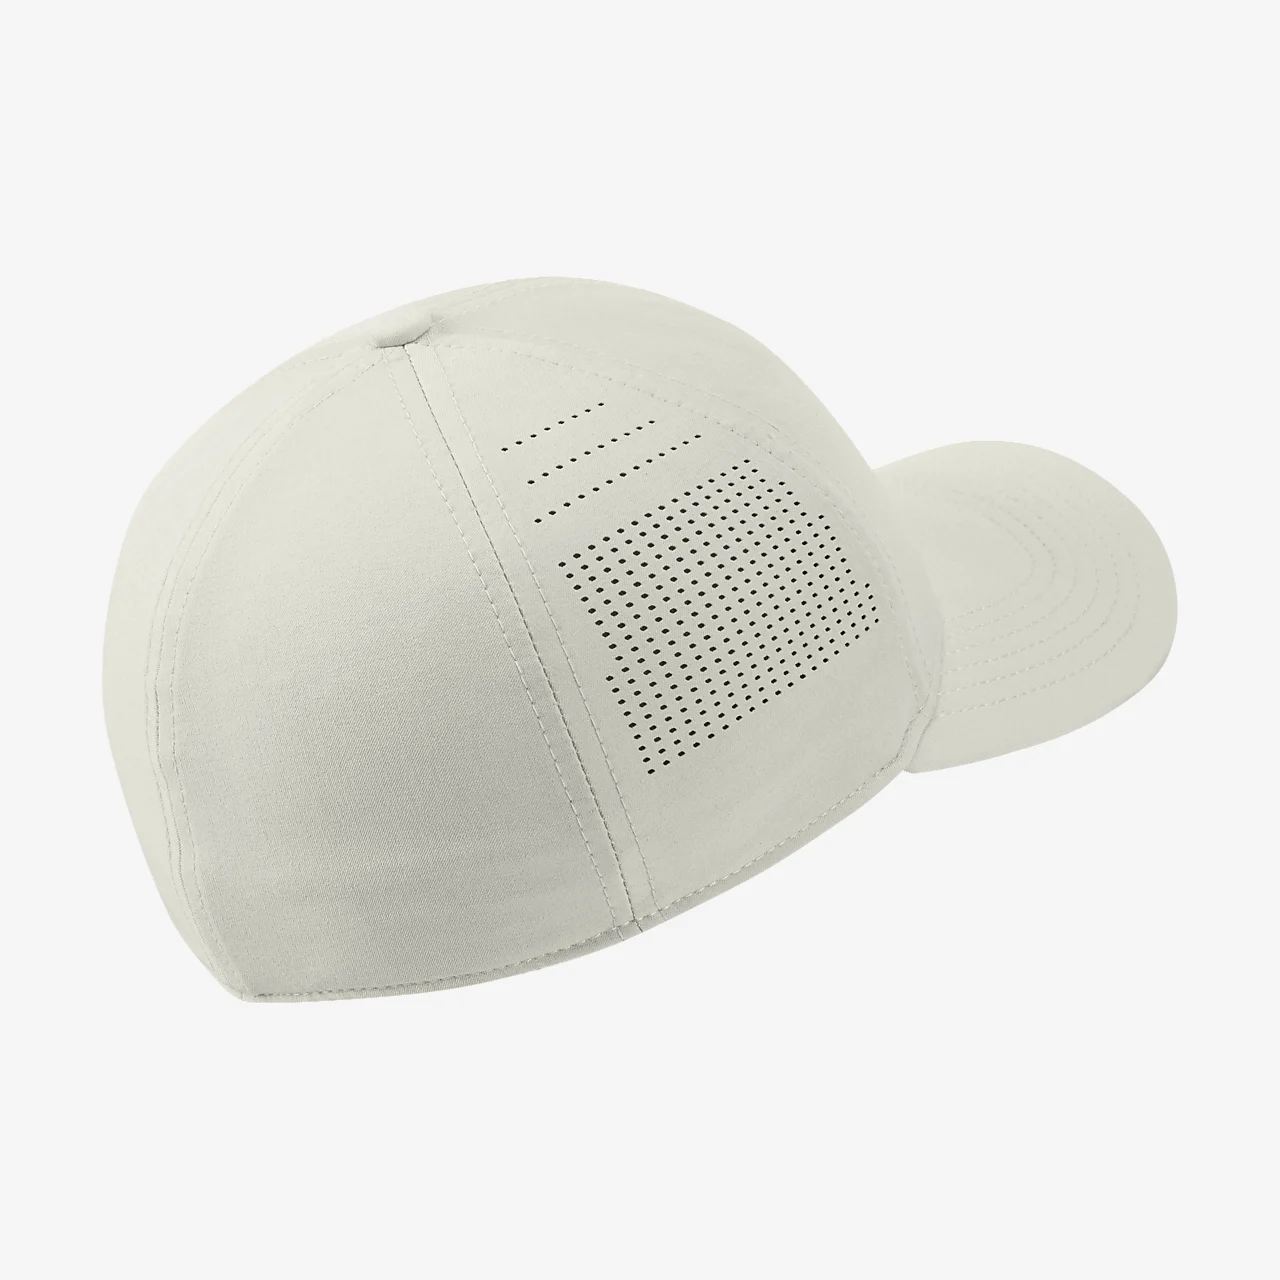 나이키 에어로빌 클래식 99 골프 모자 BV1073-133